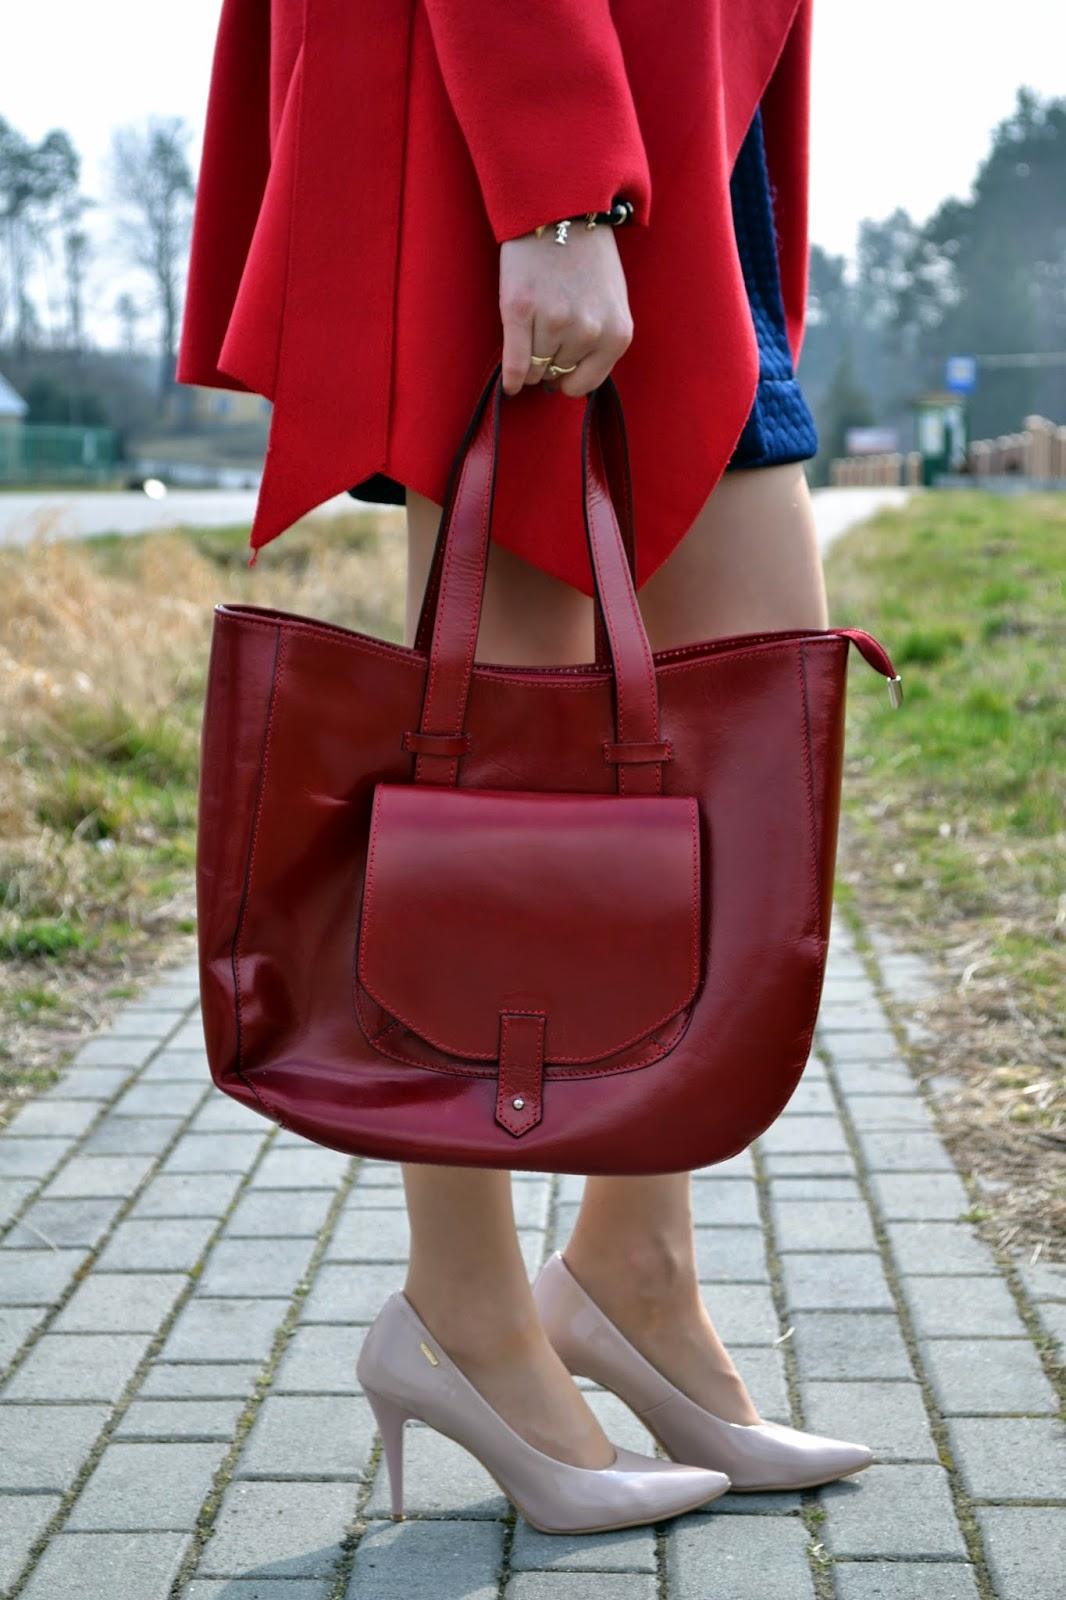 pastelowe szpilki, lakierowane czółenka, seksowne szpilki,czerwona torebka,, eleganckie półbuty, różowe buty, czerwona skórzana torebka,